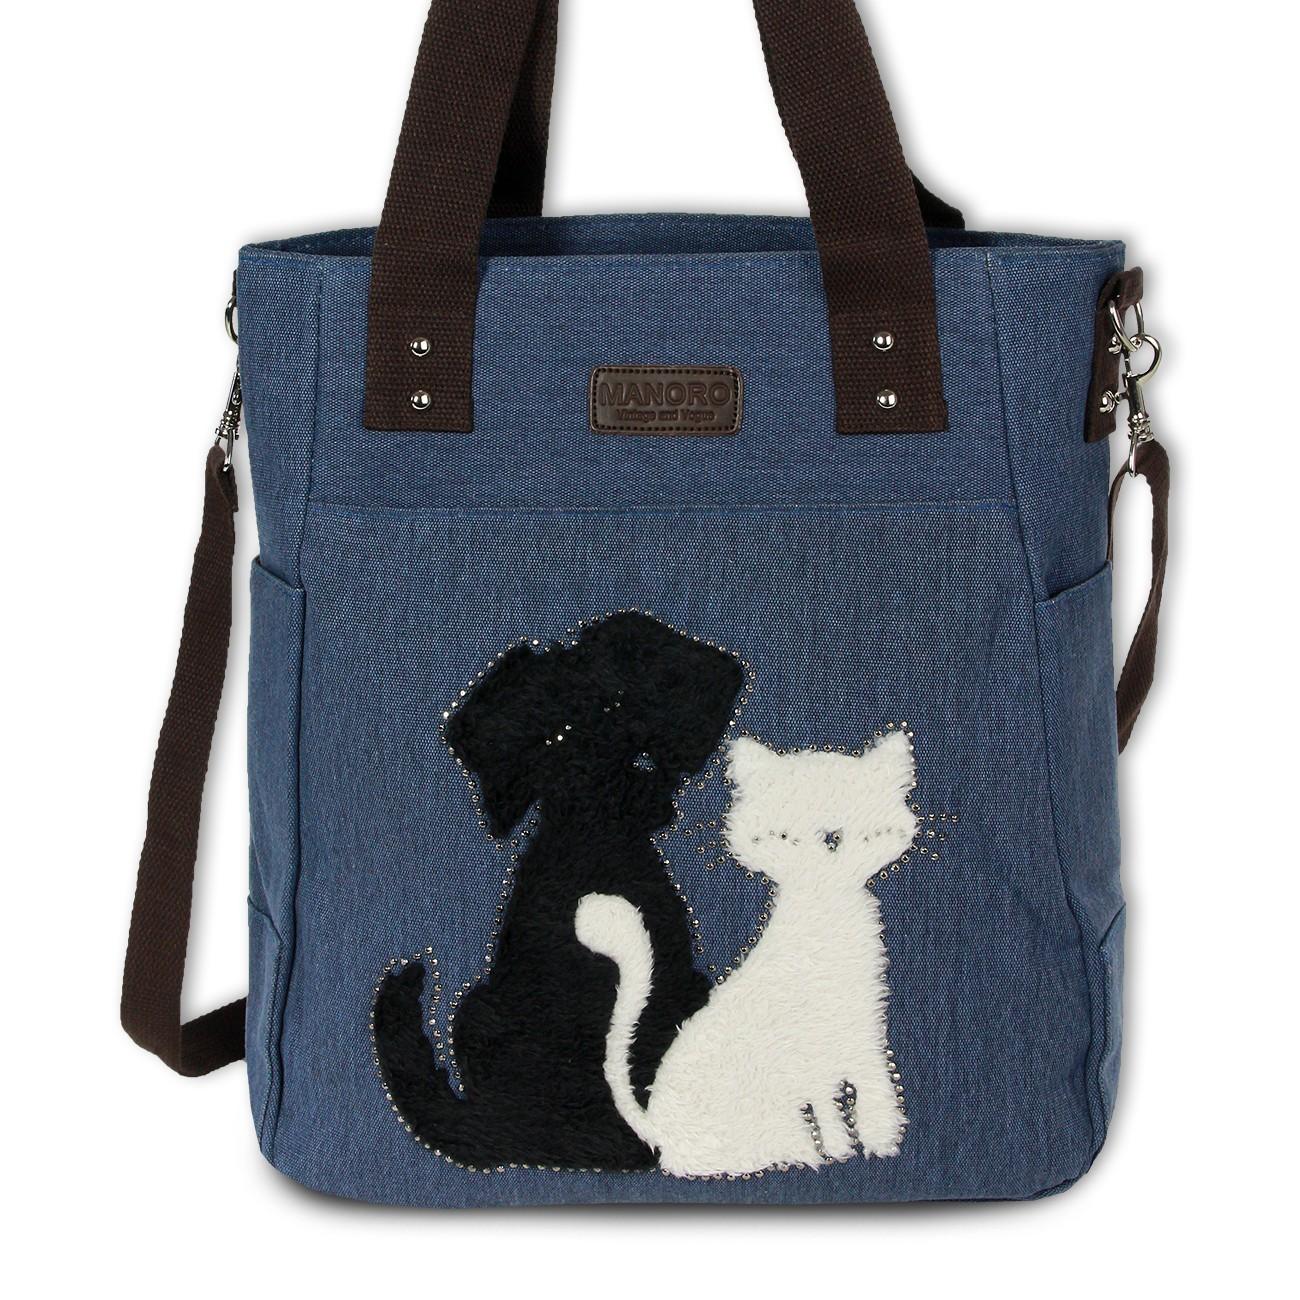 Henkeltasche Shopper Canvas blau Schultertasche Handtasche Manoro OTK221B